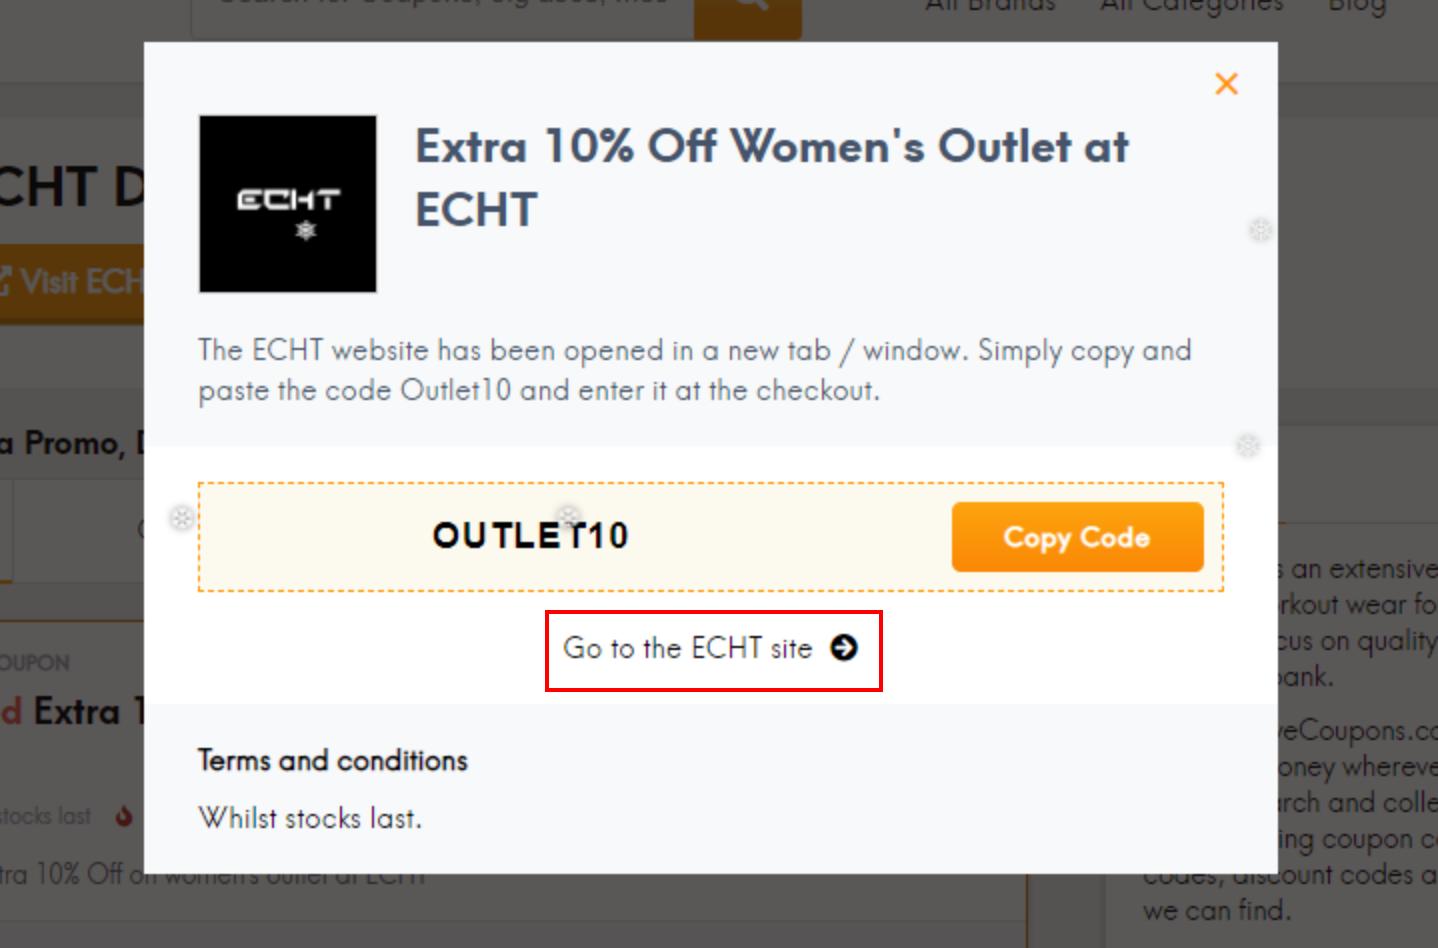 go to ECHT site